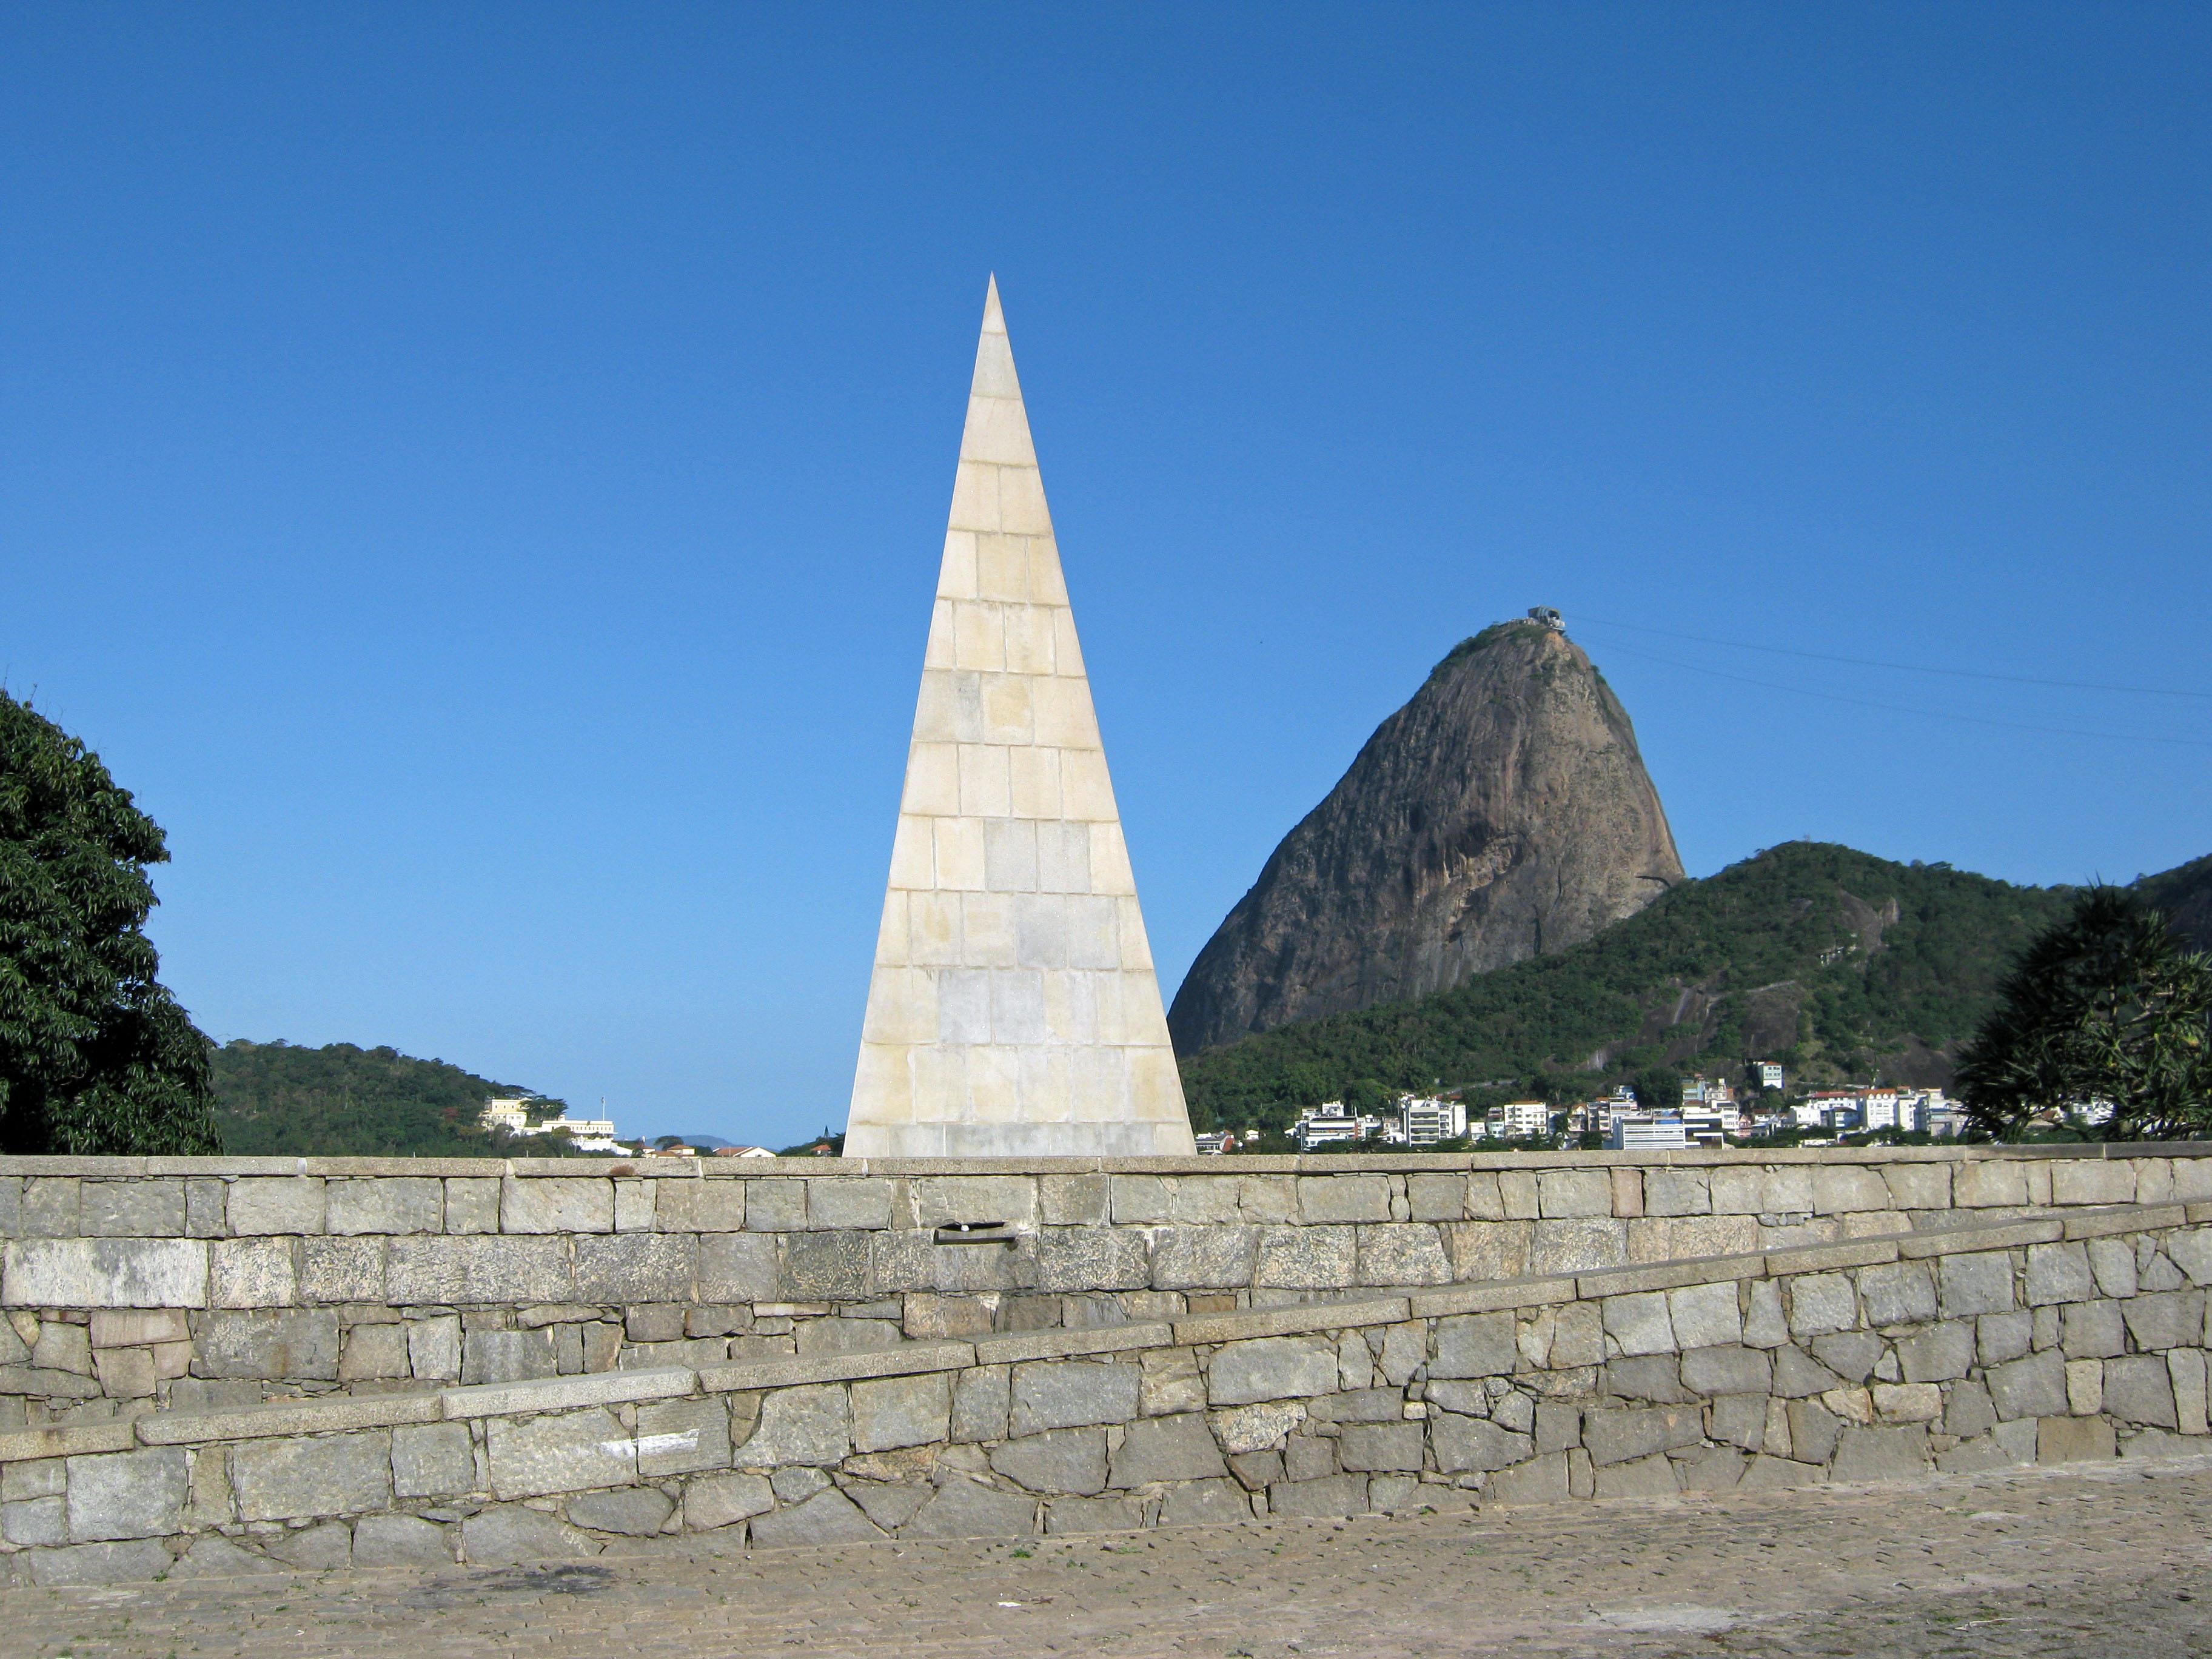 File:Monumento a Estacio de Sá.jpg - Wikimedia Commons